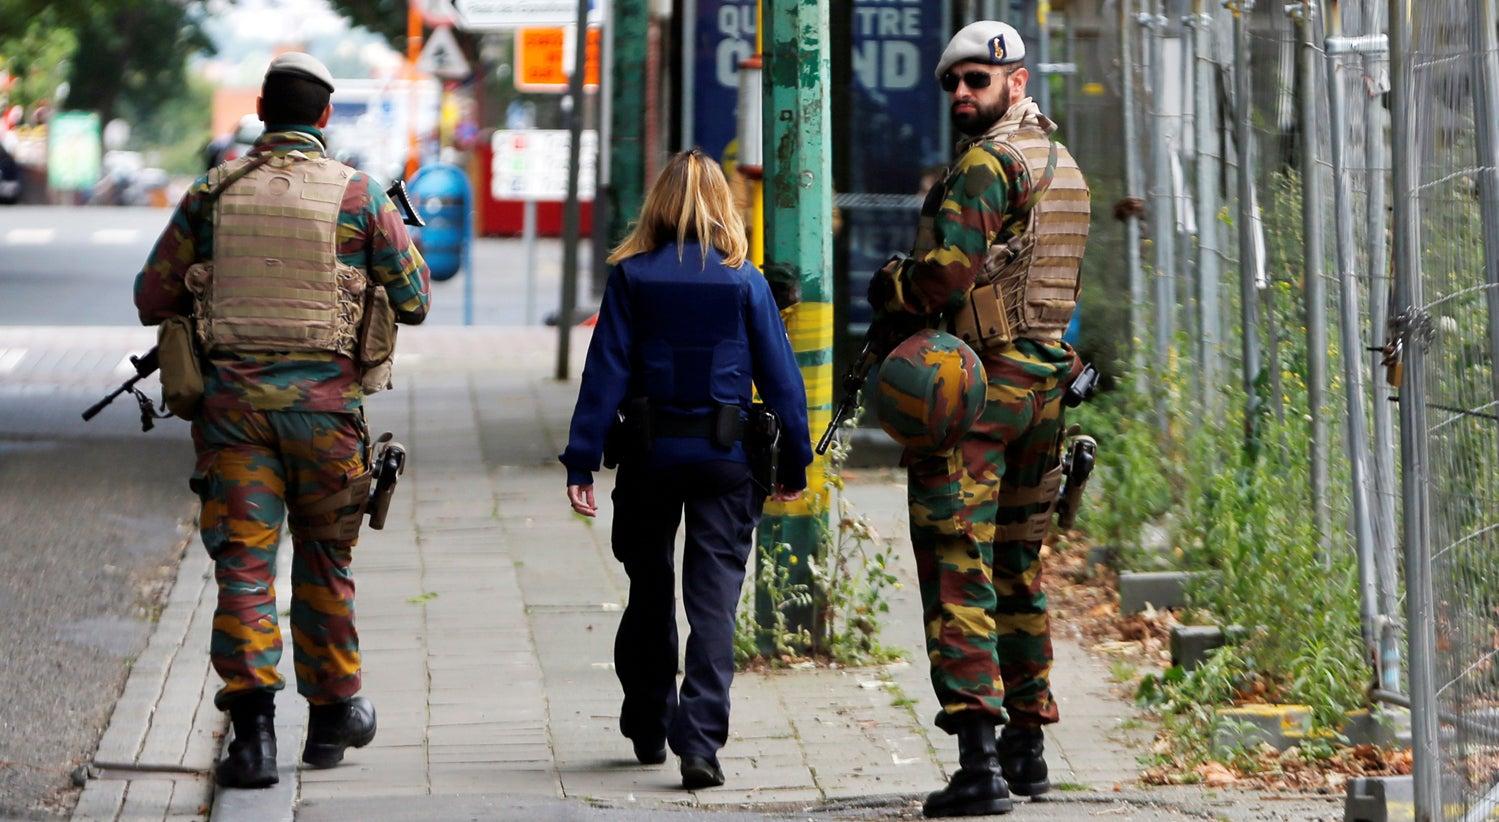 Mundo - Europol alerta para ameaça de ataques do Estado Islâmico